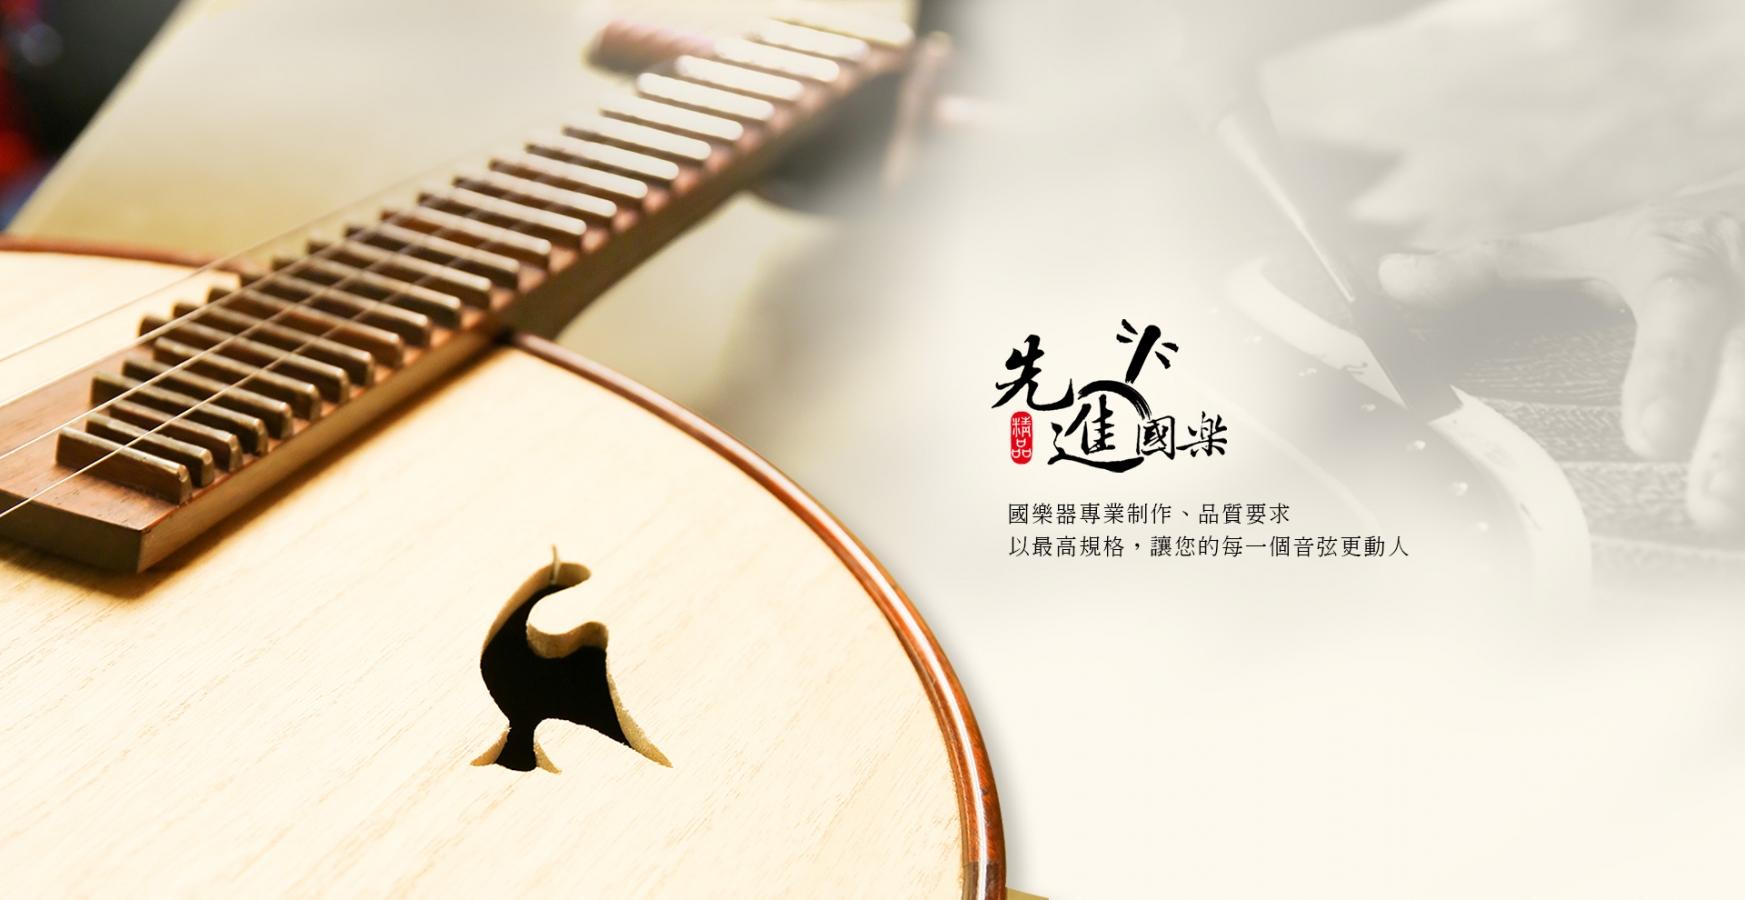 先進樂器全台獨代   箏炫光安古箏  日本 職人手作